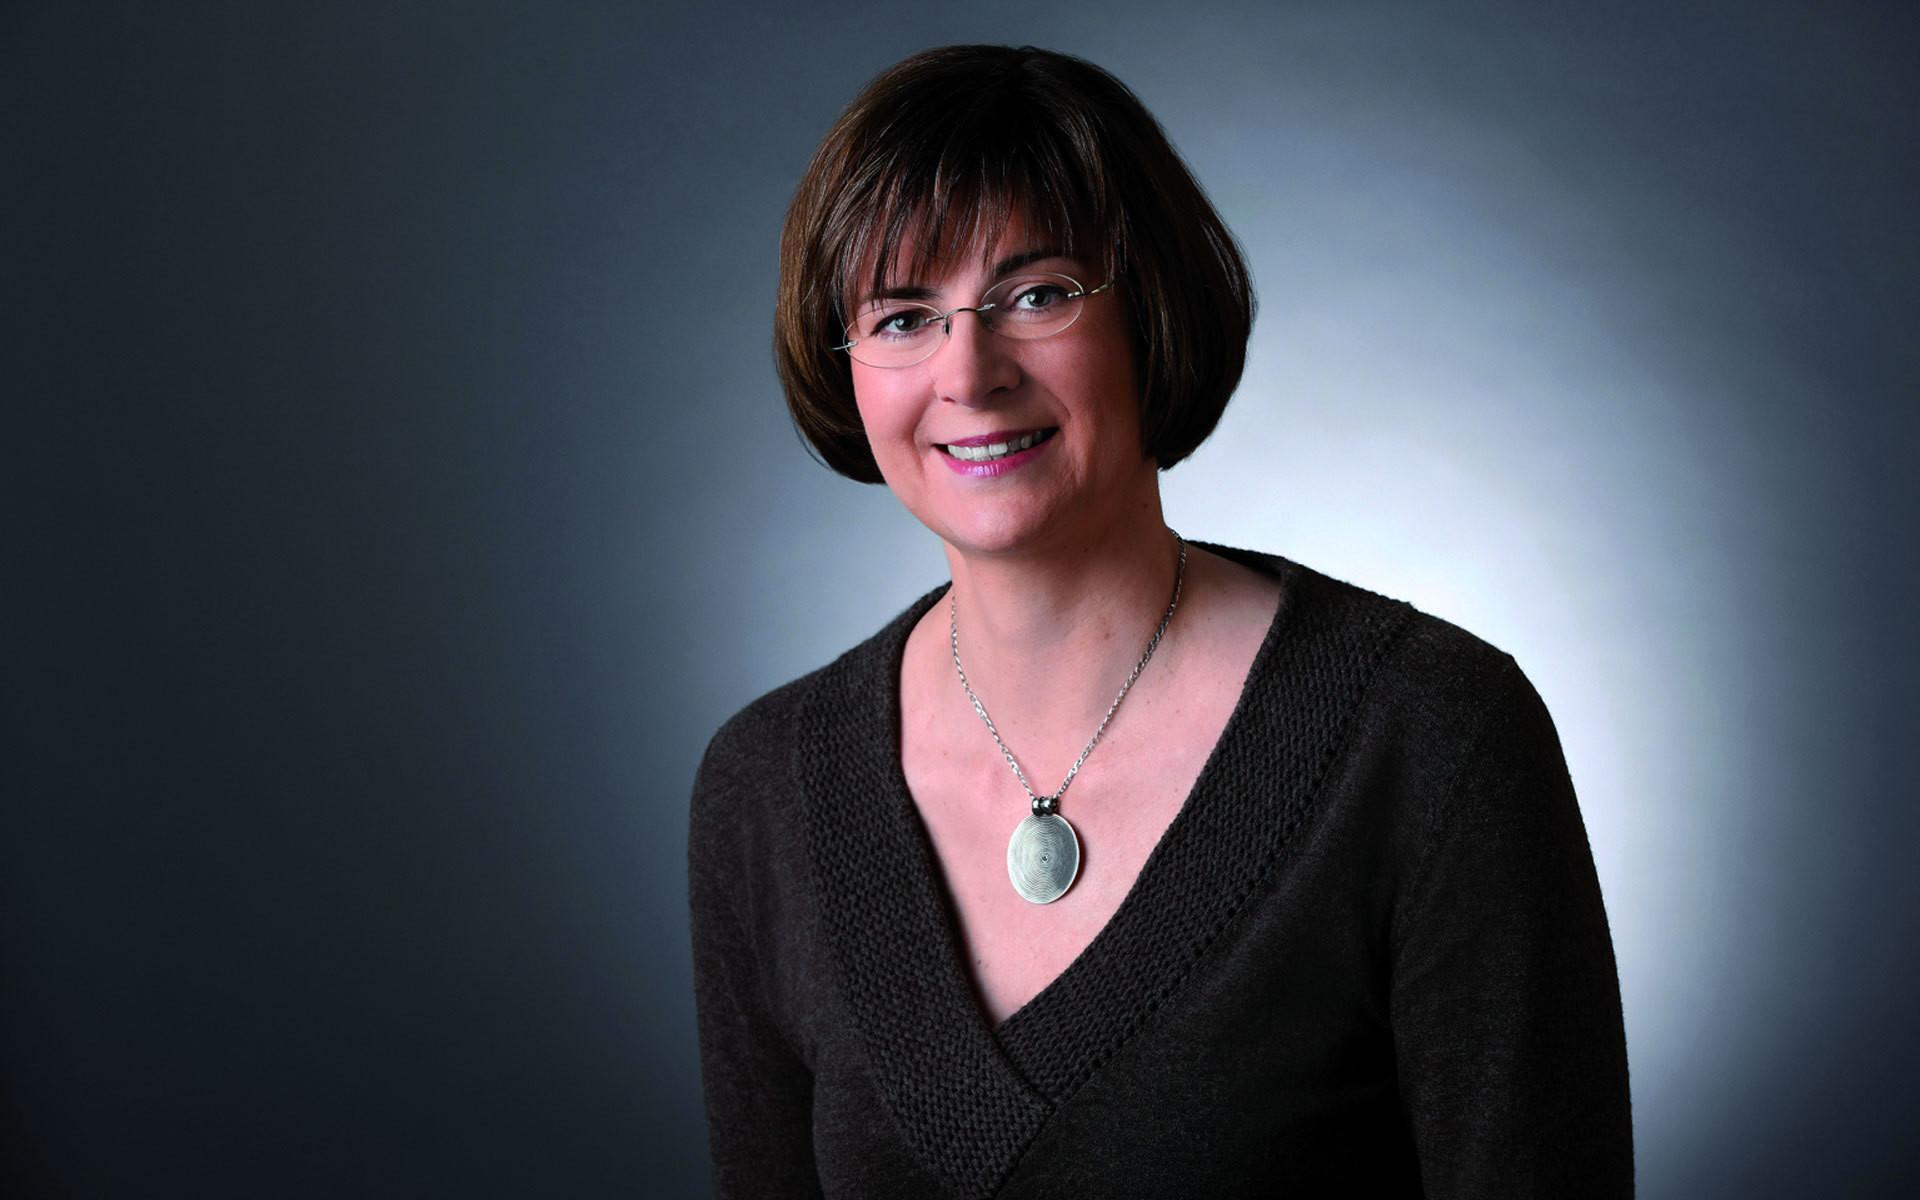 Dr. Thela Wernstedt